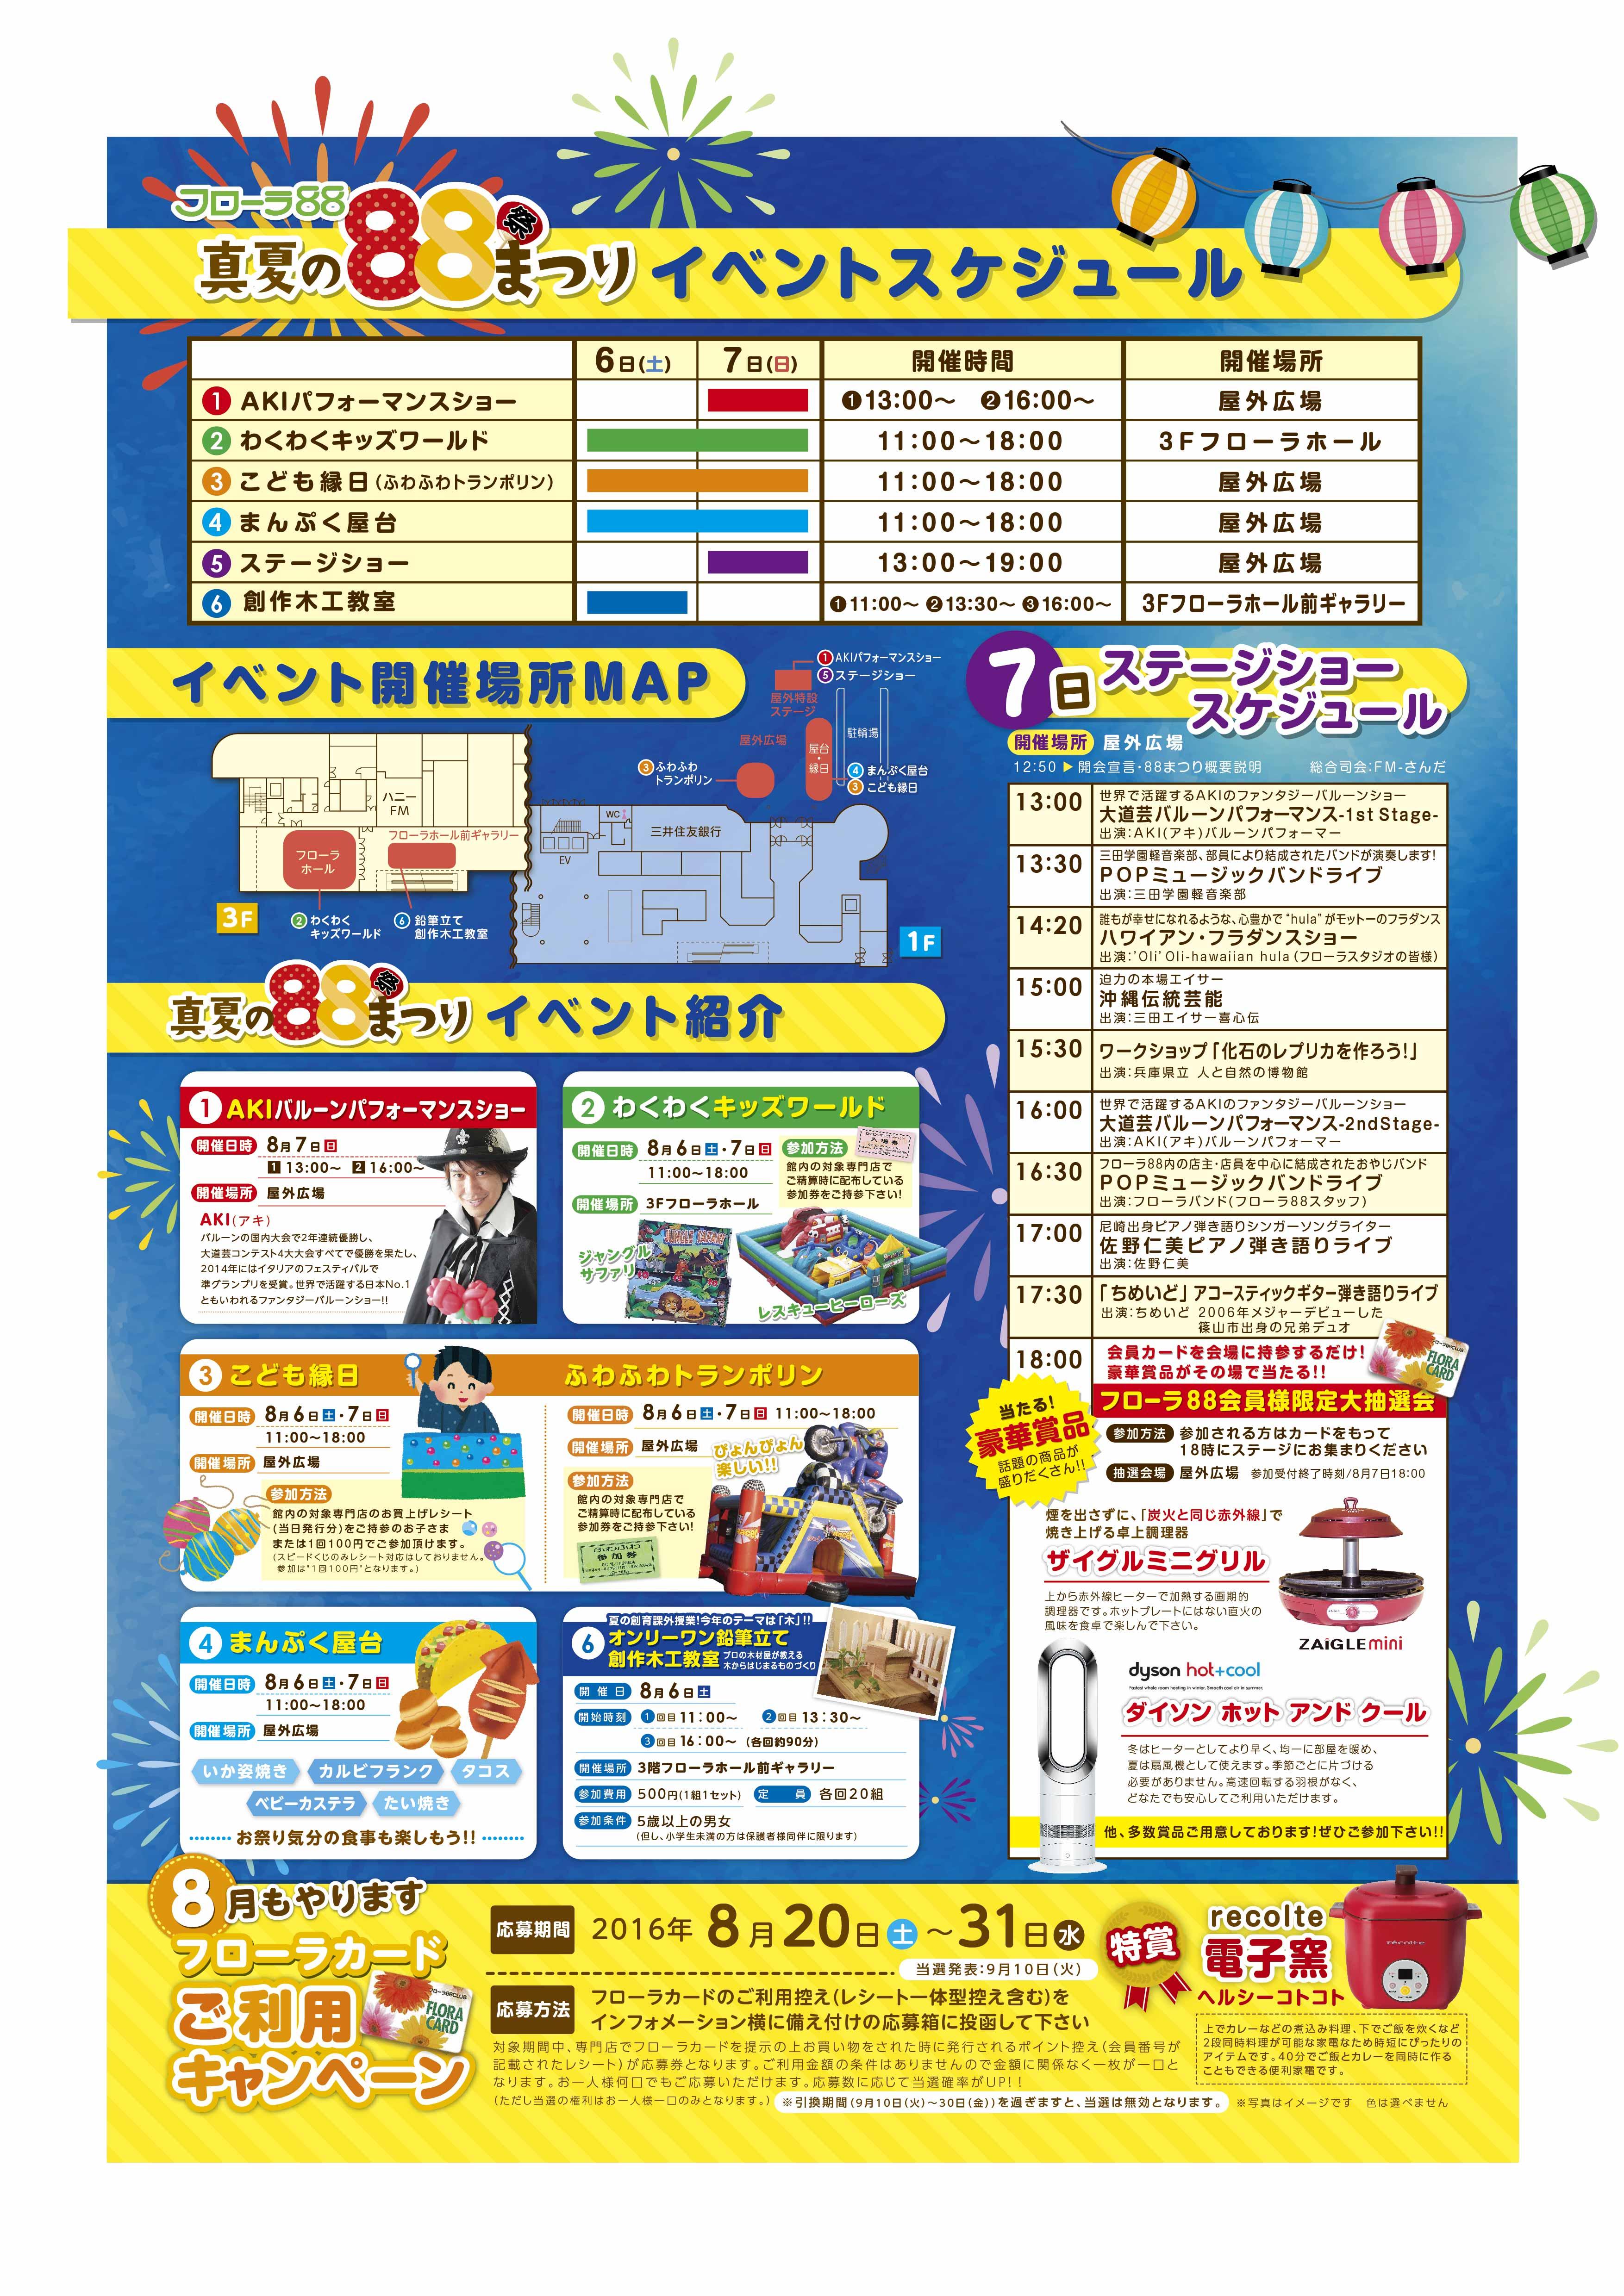 0721-フローラ88まつり-03